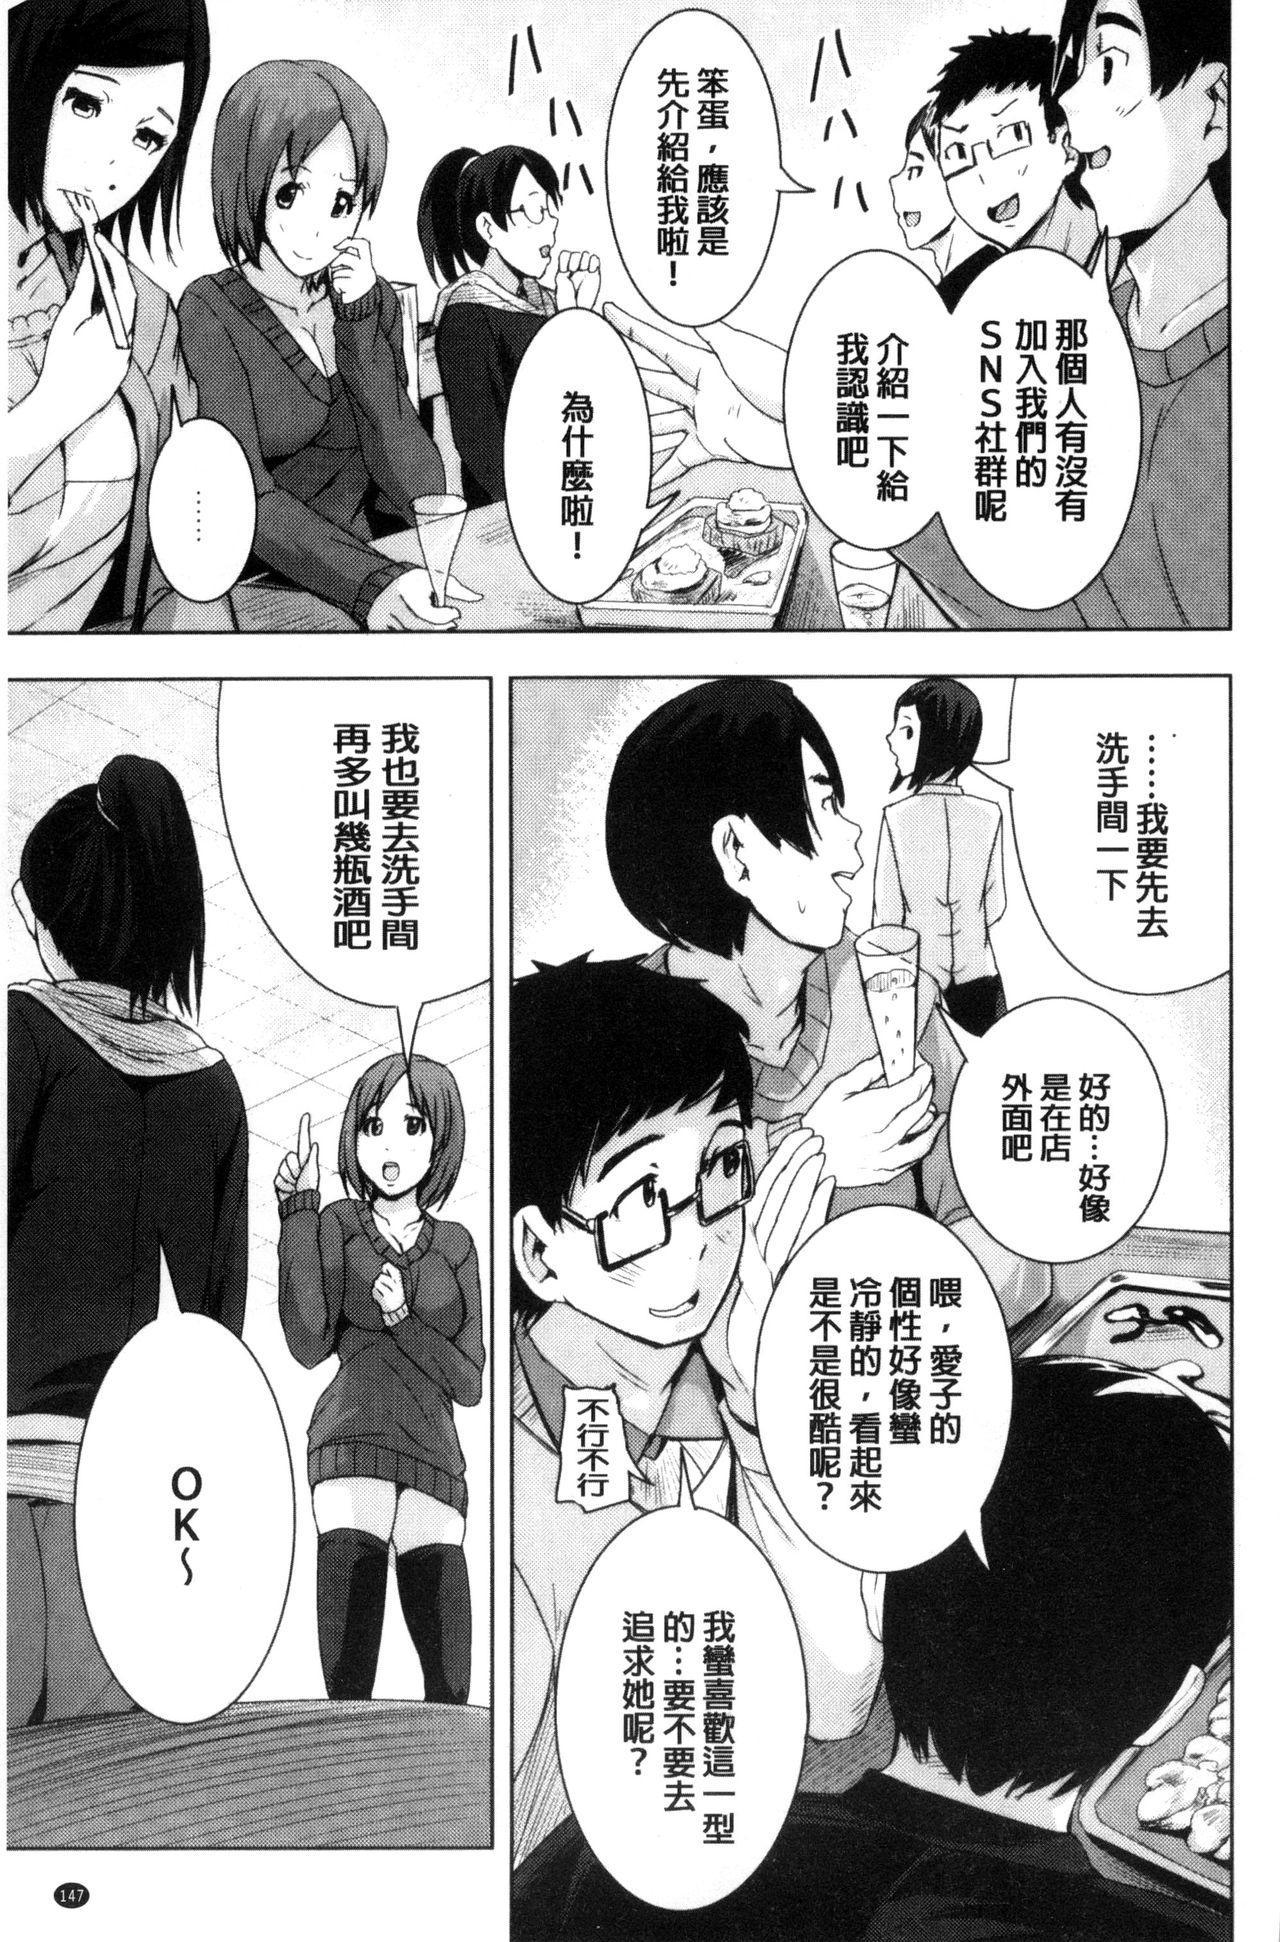 R18 Hatsuiku Shoujo 152